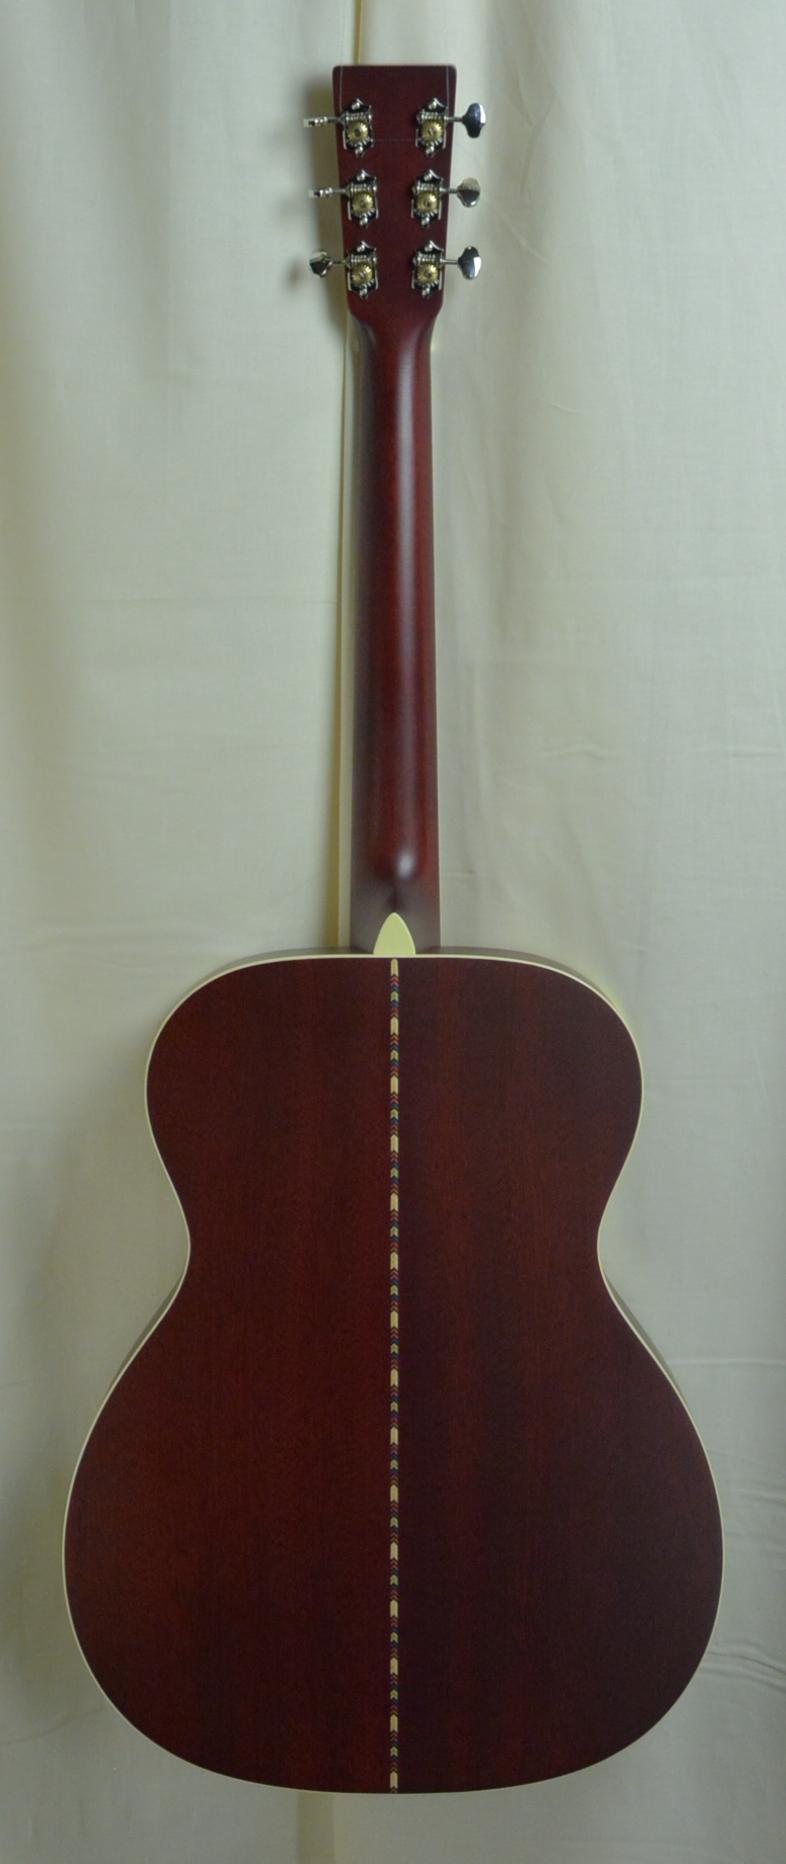 Q-2700324 S-1956643 000-15 Sipo Cherry stain (3).JPG